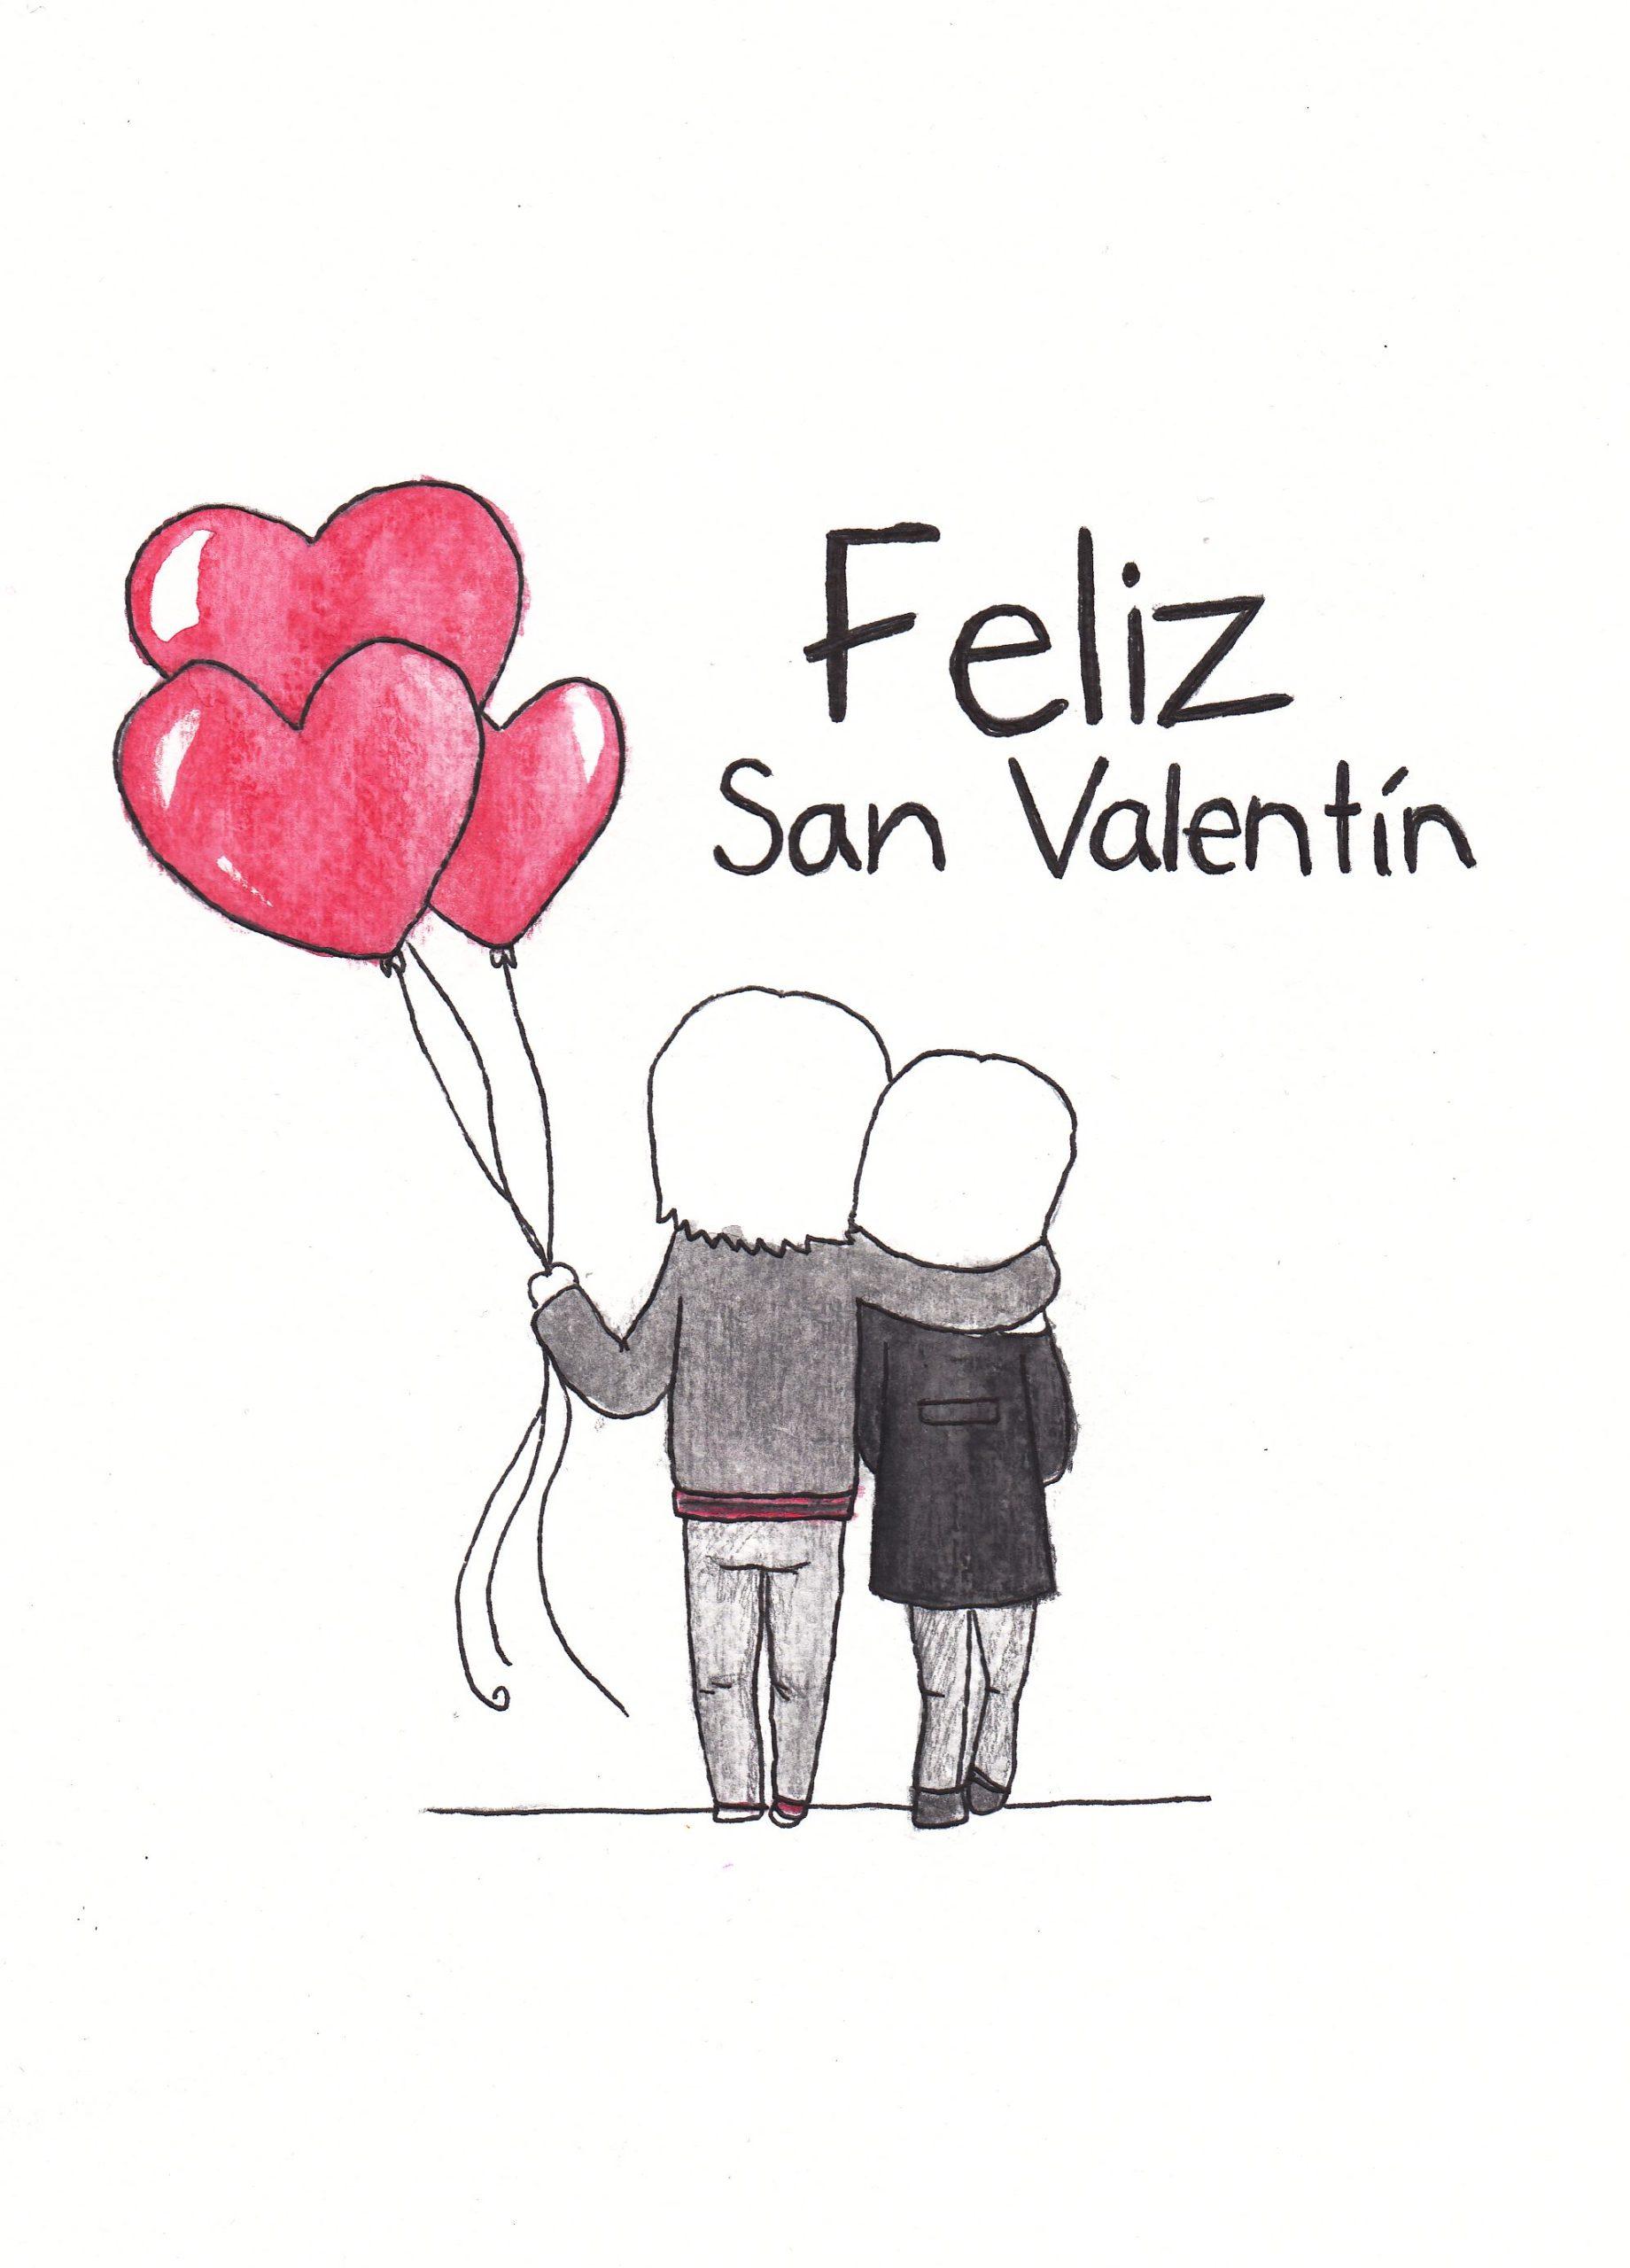 Feliz San Valentin pareja y corazones